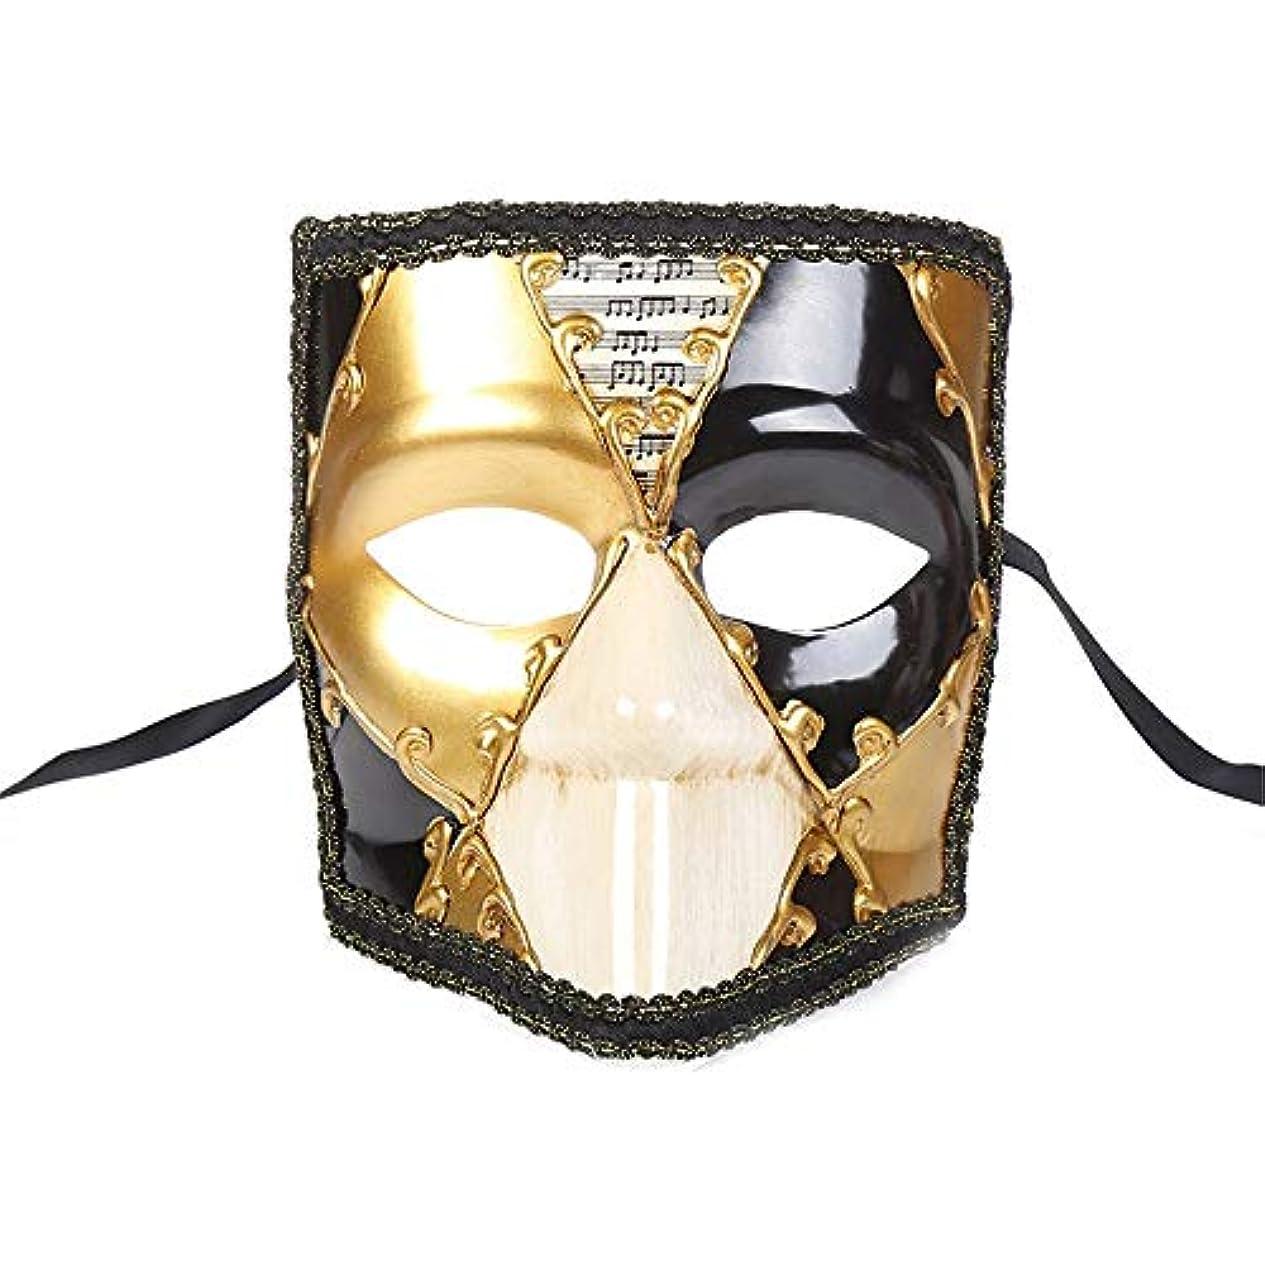 項目ビデオマイナスダンスマスク ピエロマスクヴィンテージマスカレードショーデコレーションコスプレナイトクラブプラスチック厚いマスク ホリデーパーティー用品 (色 : 黄, サイズ : 18x15cm)